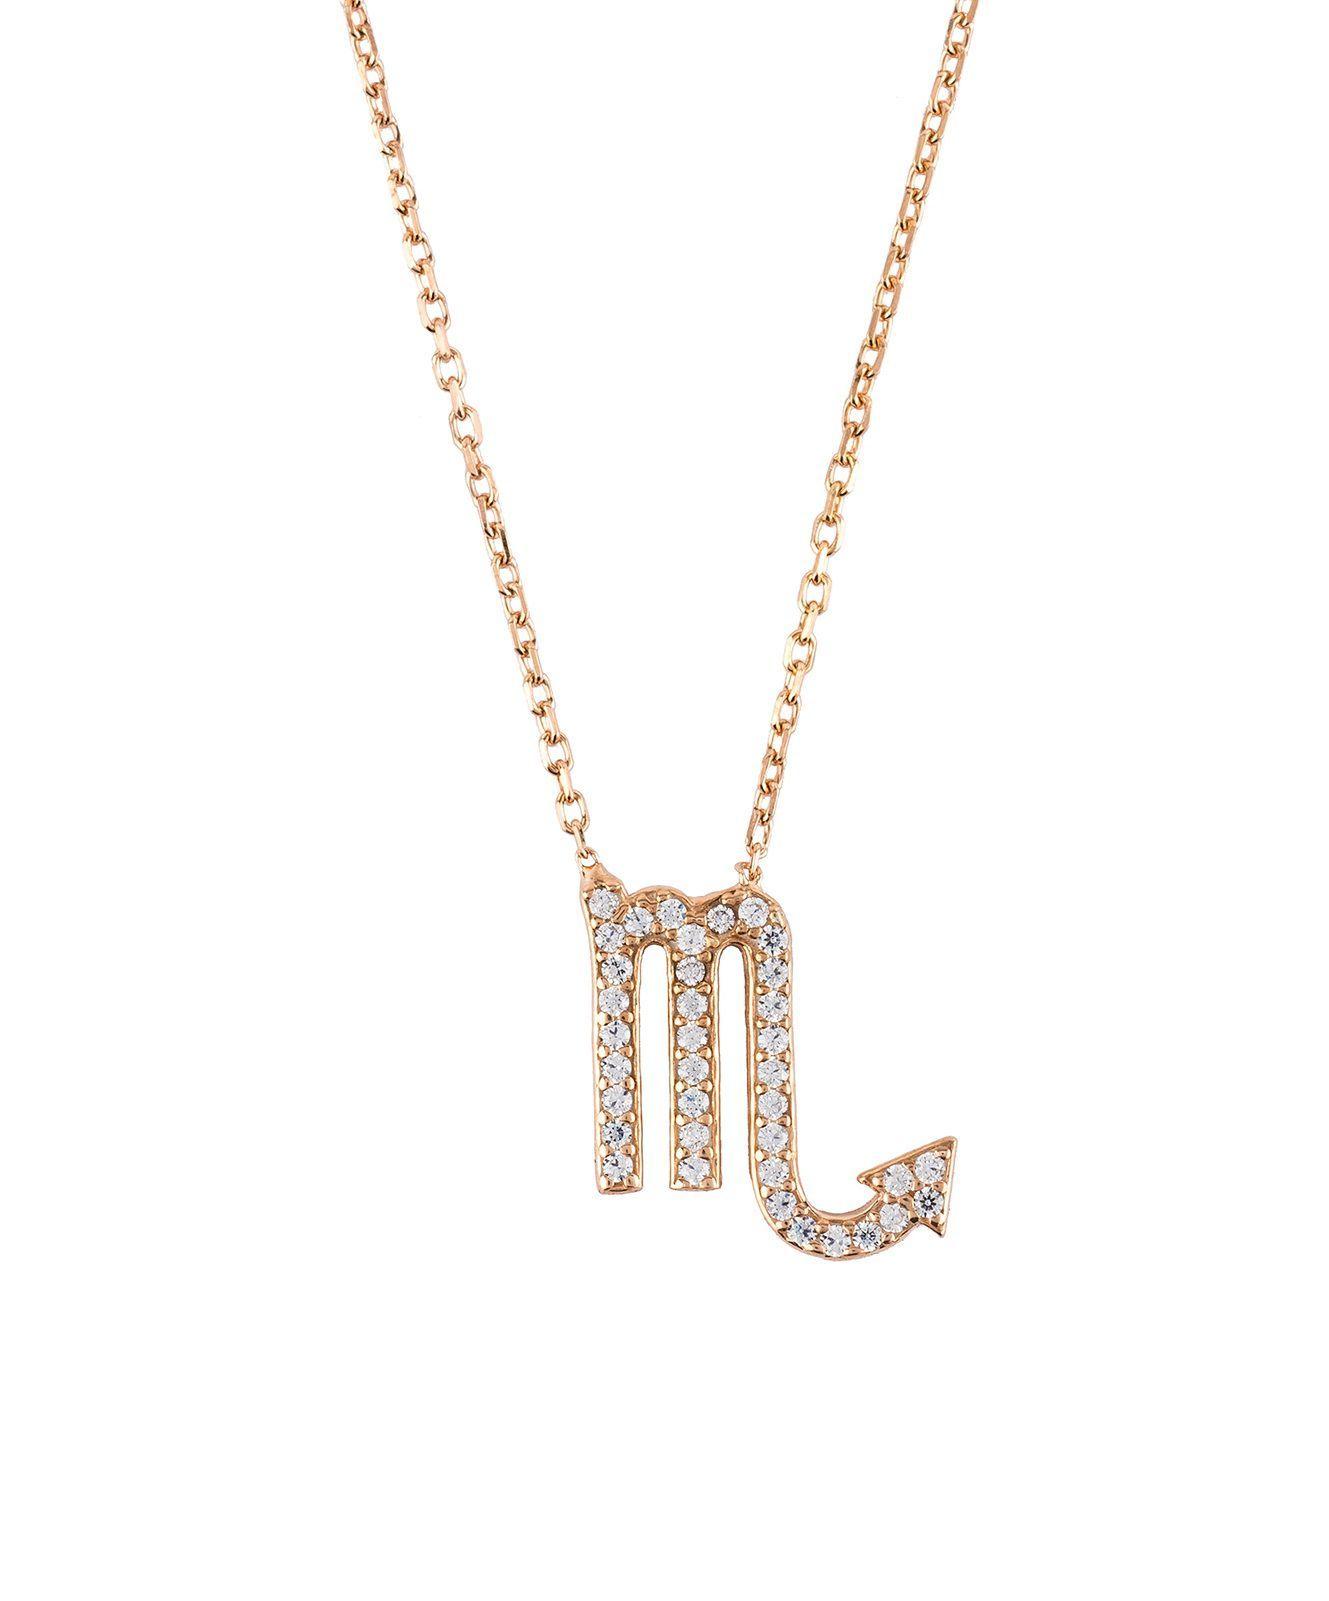 Latelita London Libra Zodiac Necklace 67Qr41ZTwn